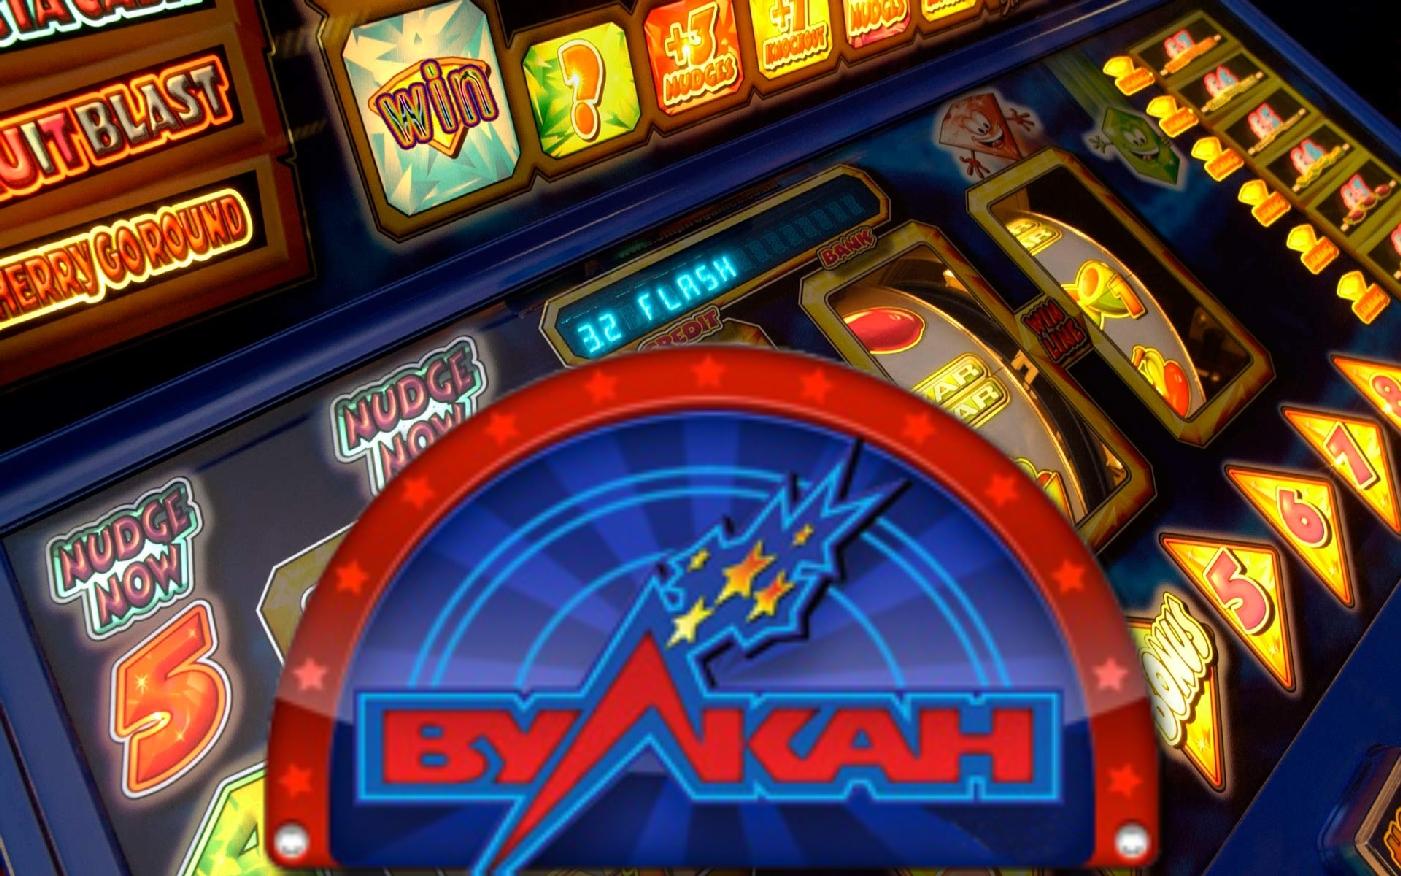 Слоты казино играть бесплатно видео казино онлайн играть бесплатно